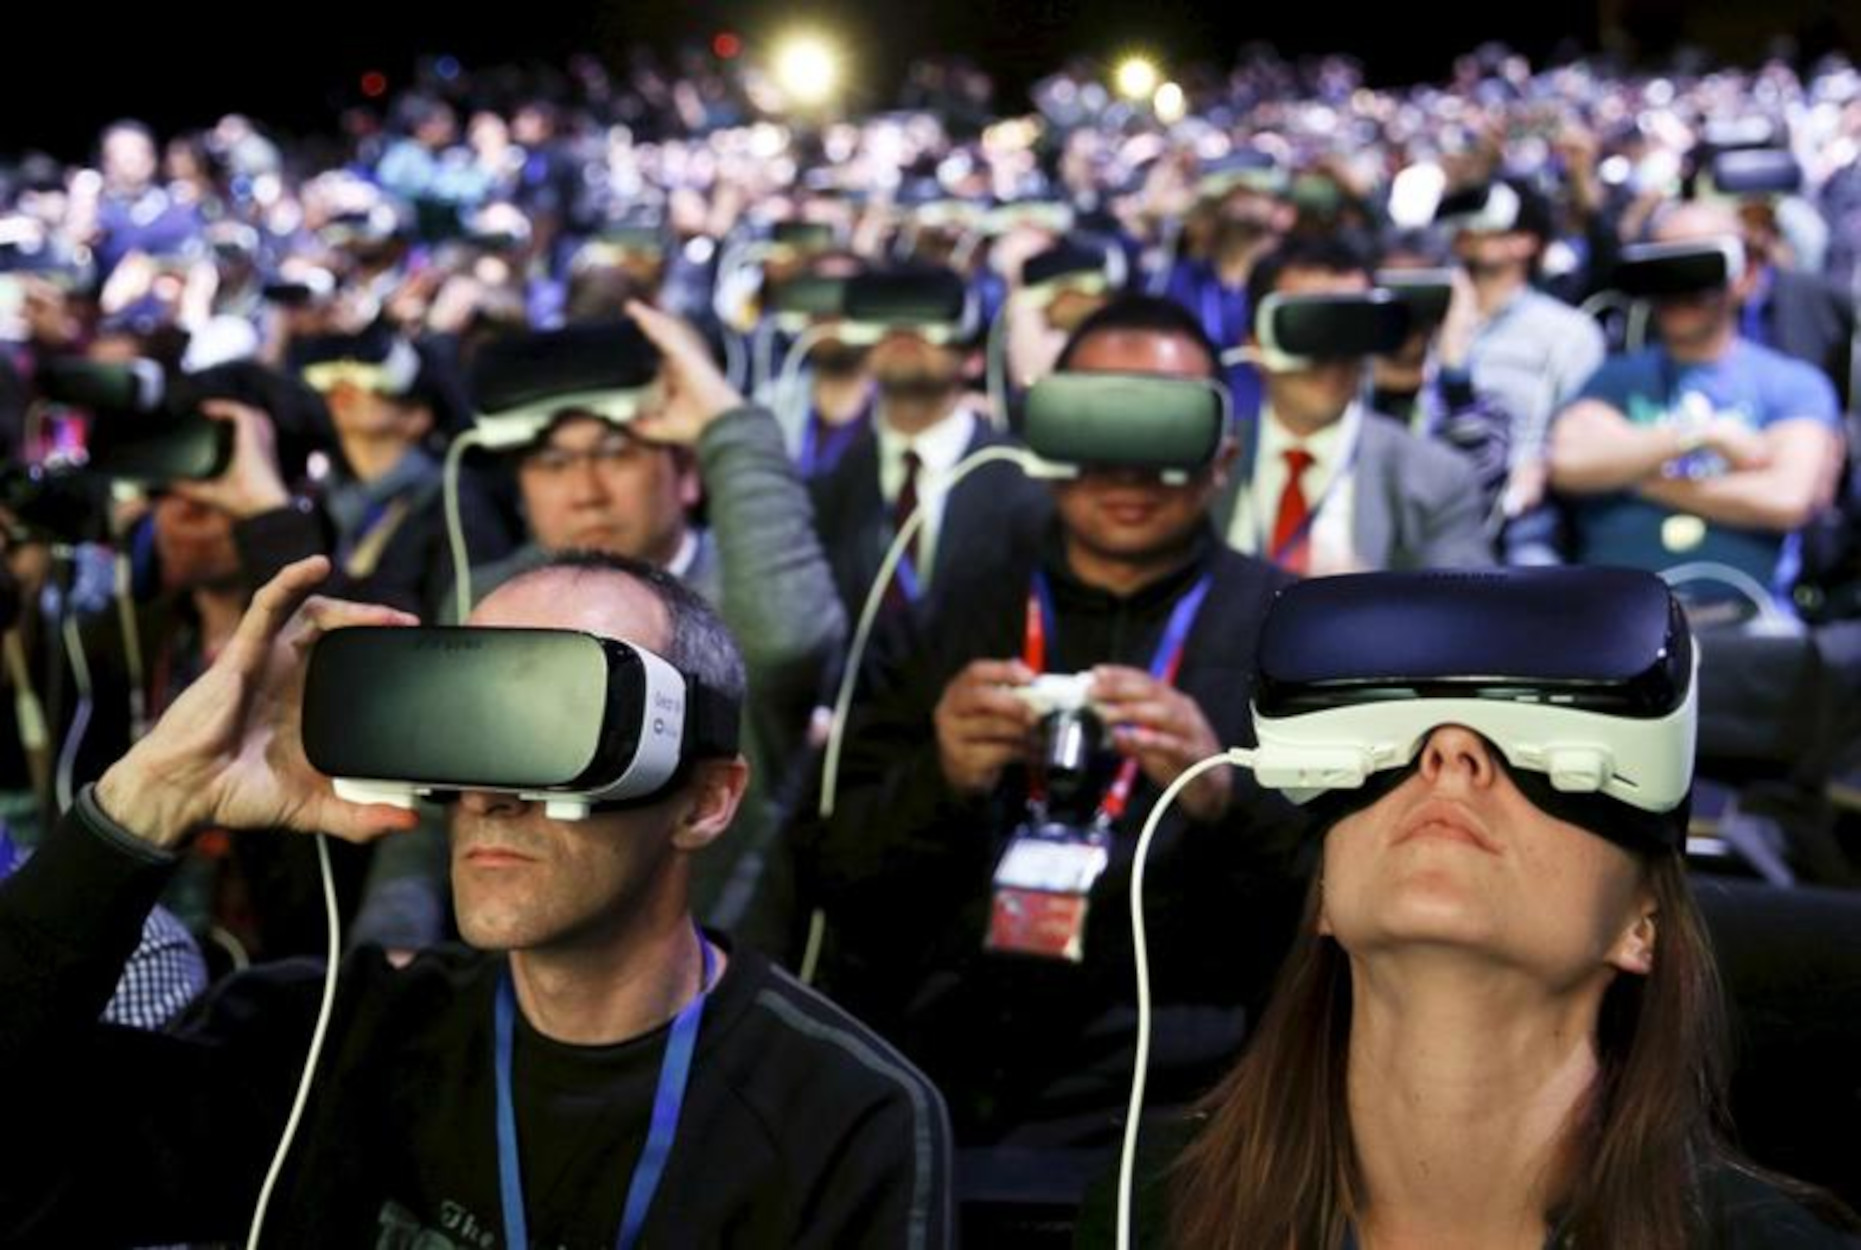 Θα κάθεστε αλλά… θα περπατάτε – Το νέο «επαναστατικό» σύστημα Virtual Reality